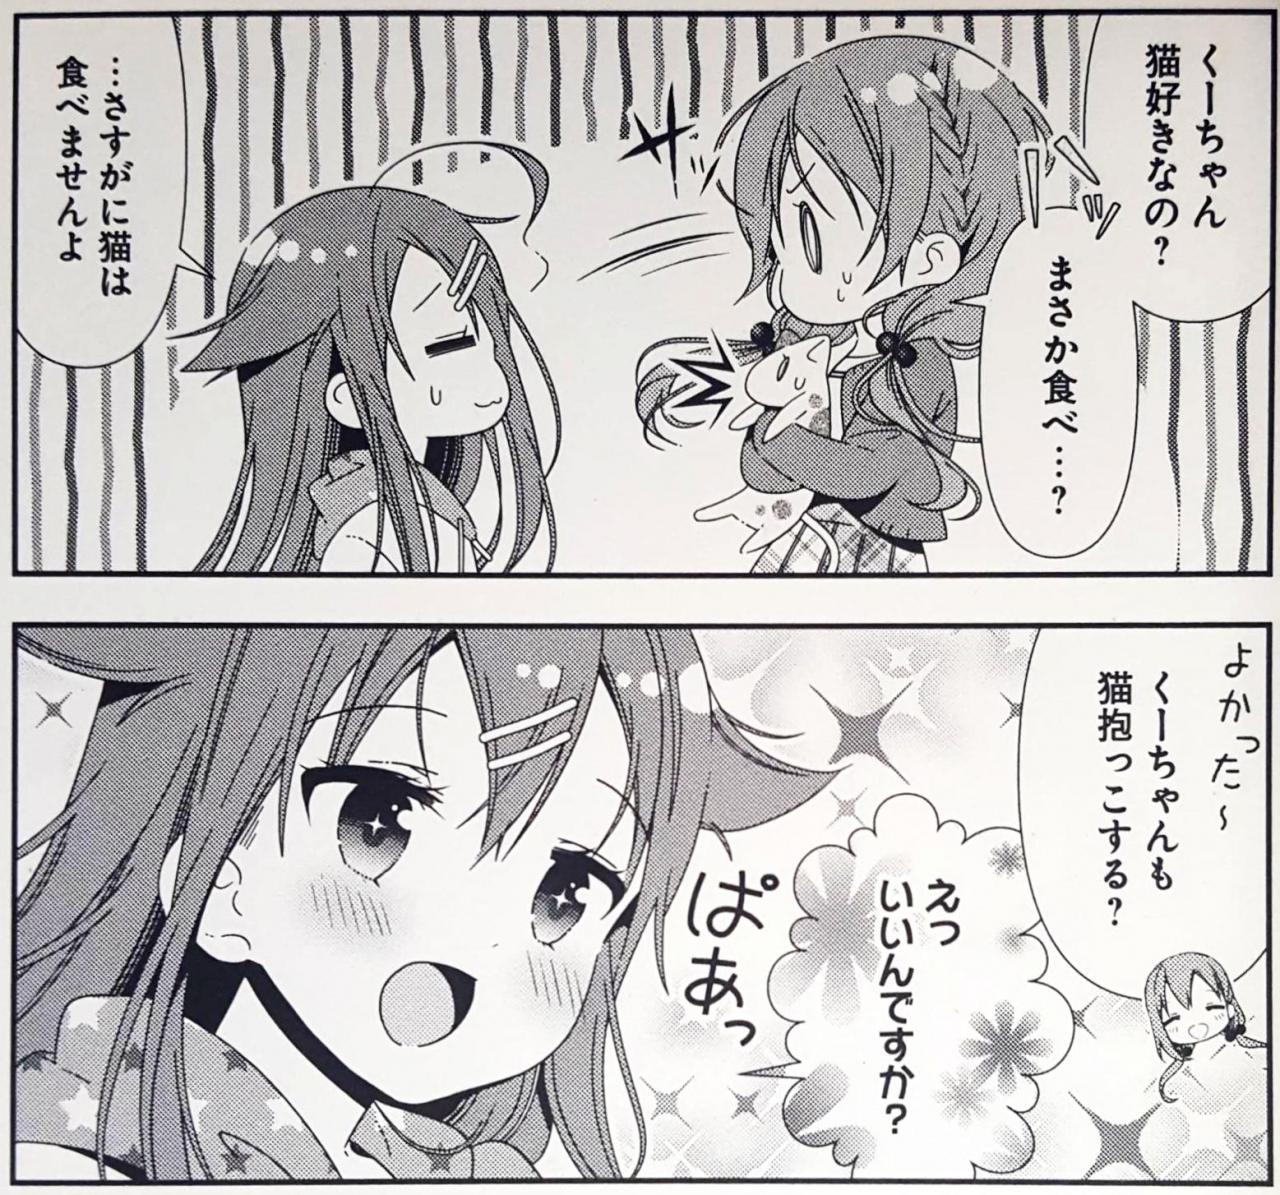 四格漫画「雏子的笔记」宣布完结